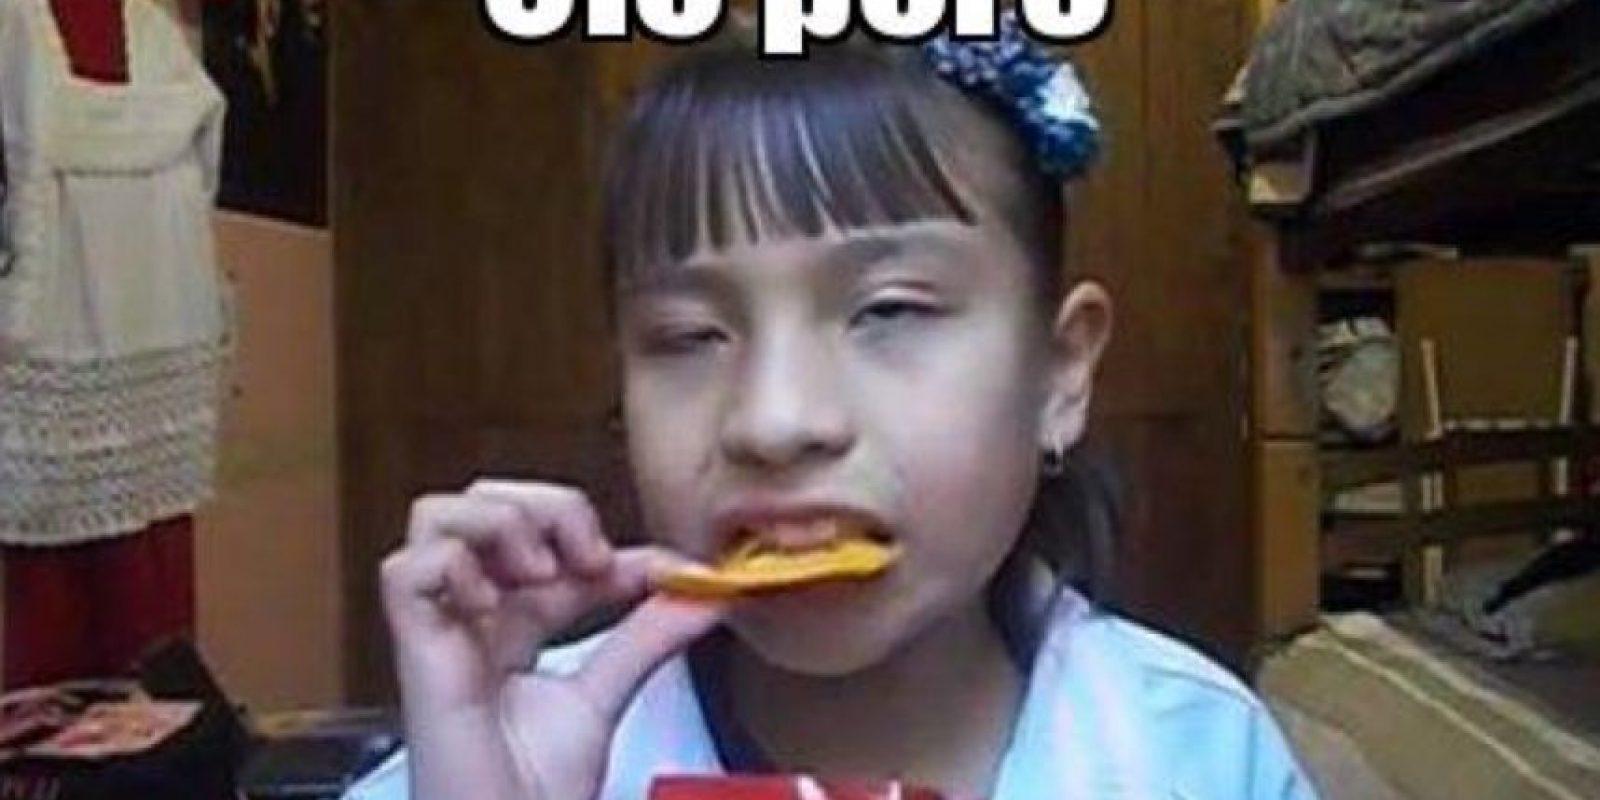 """De hecho, el """"ke riko"""" salió de ese video. La foto de la niña es viral: ha servido hasta para parodias y grupos de Facebook Foto:Meme Generator"""